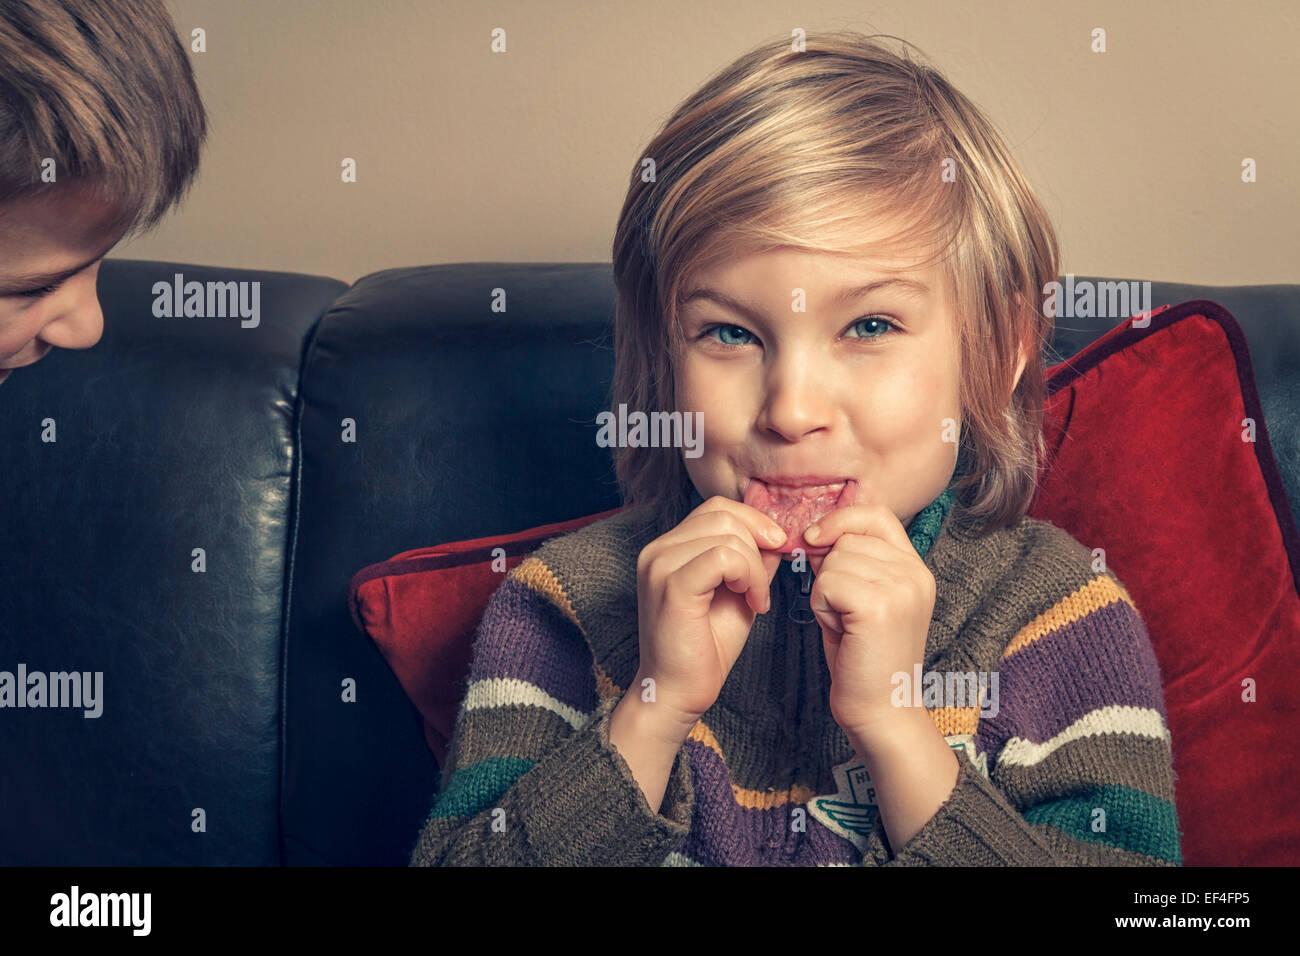 Giovane ragazzo in soggiorno facendo una faccia. Immagini Stock